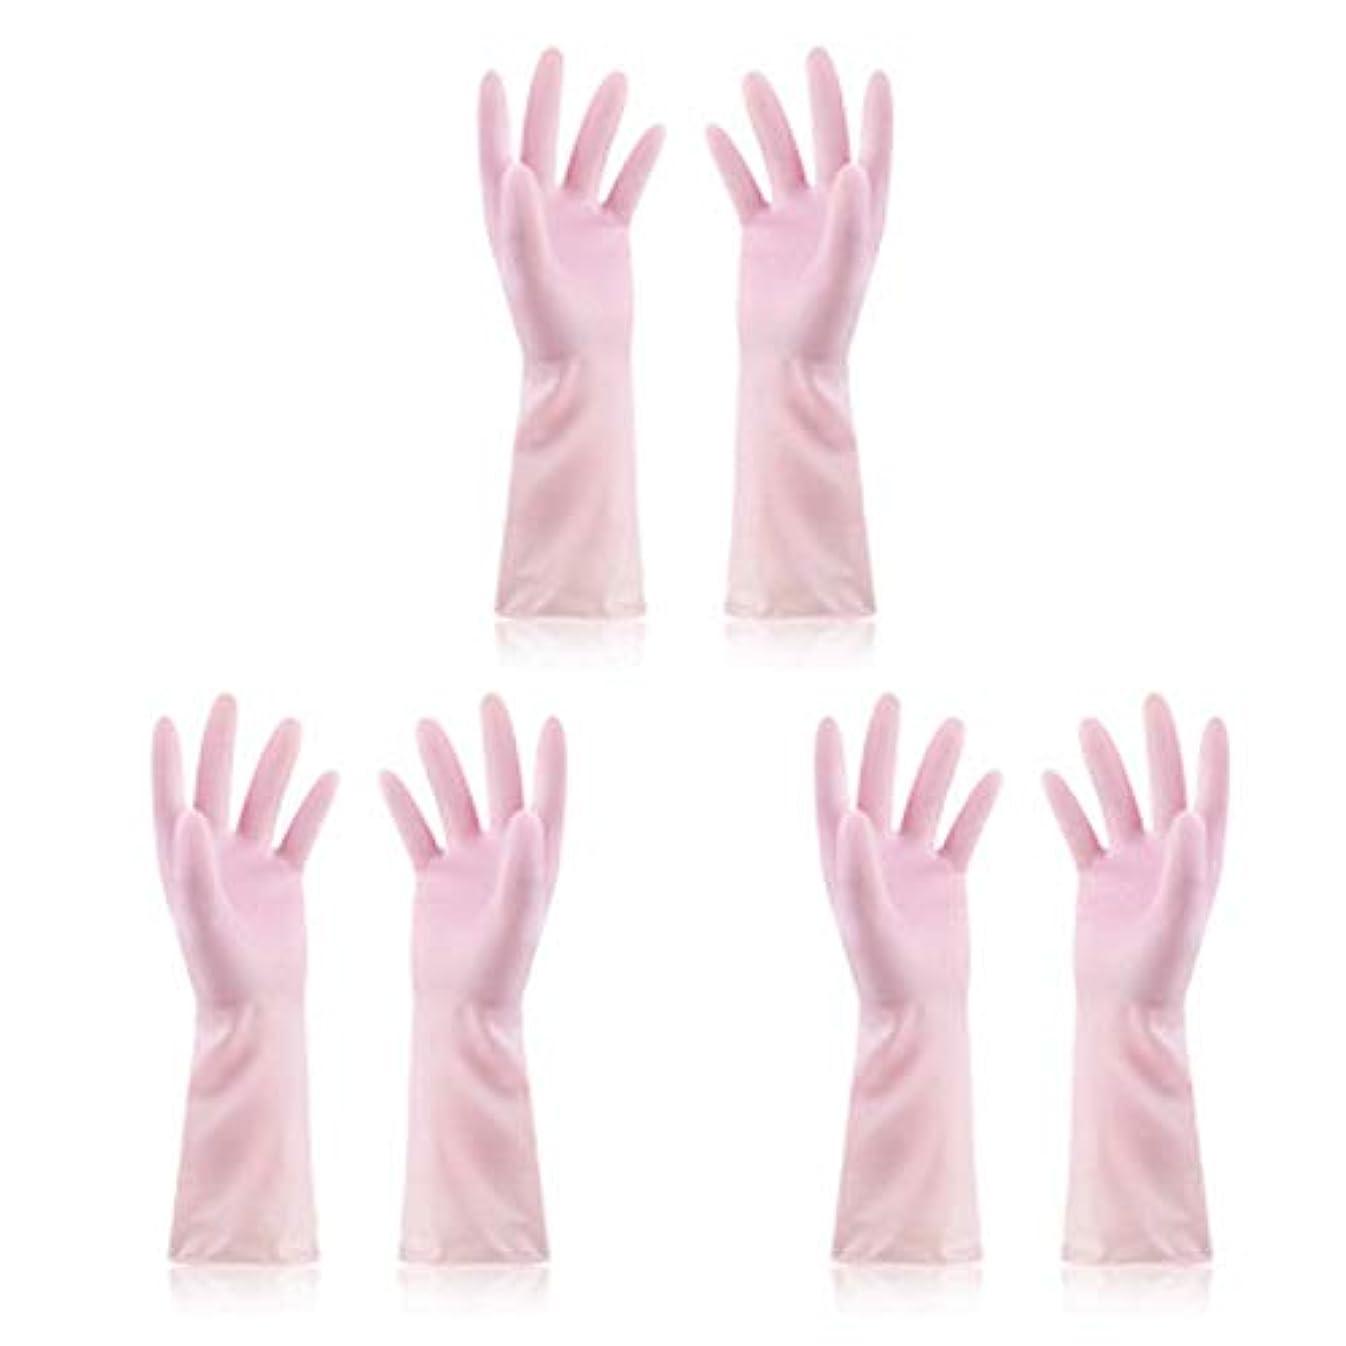 予定充電クレーターニトリルゴム手袋 使い捨て手袋防水ラテックス焦げ付き防止ゴム製ゴム製台所手袋、3組 使い捨て手袋 (Color : Pink, Size : M)